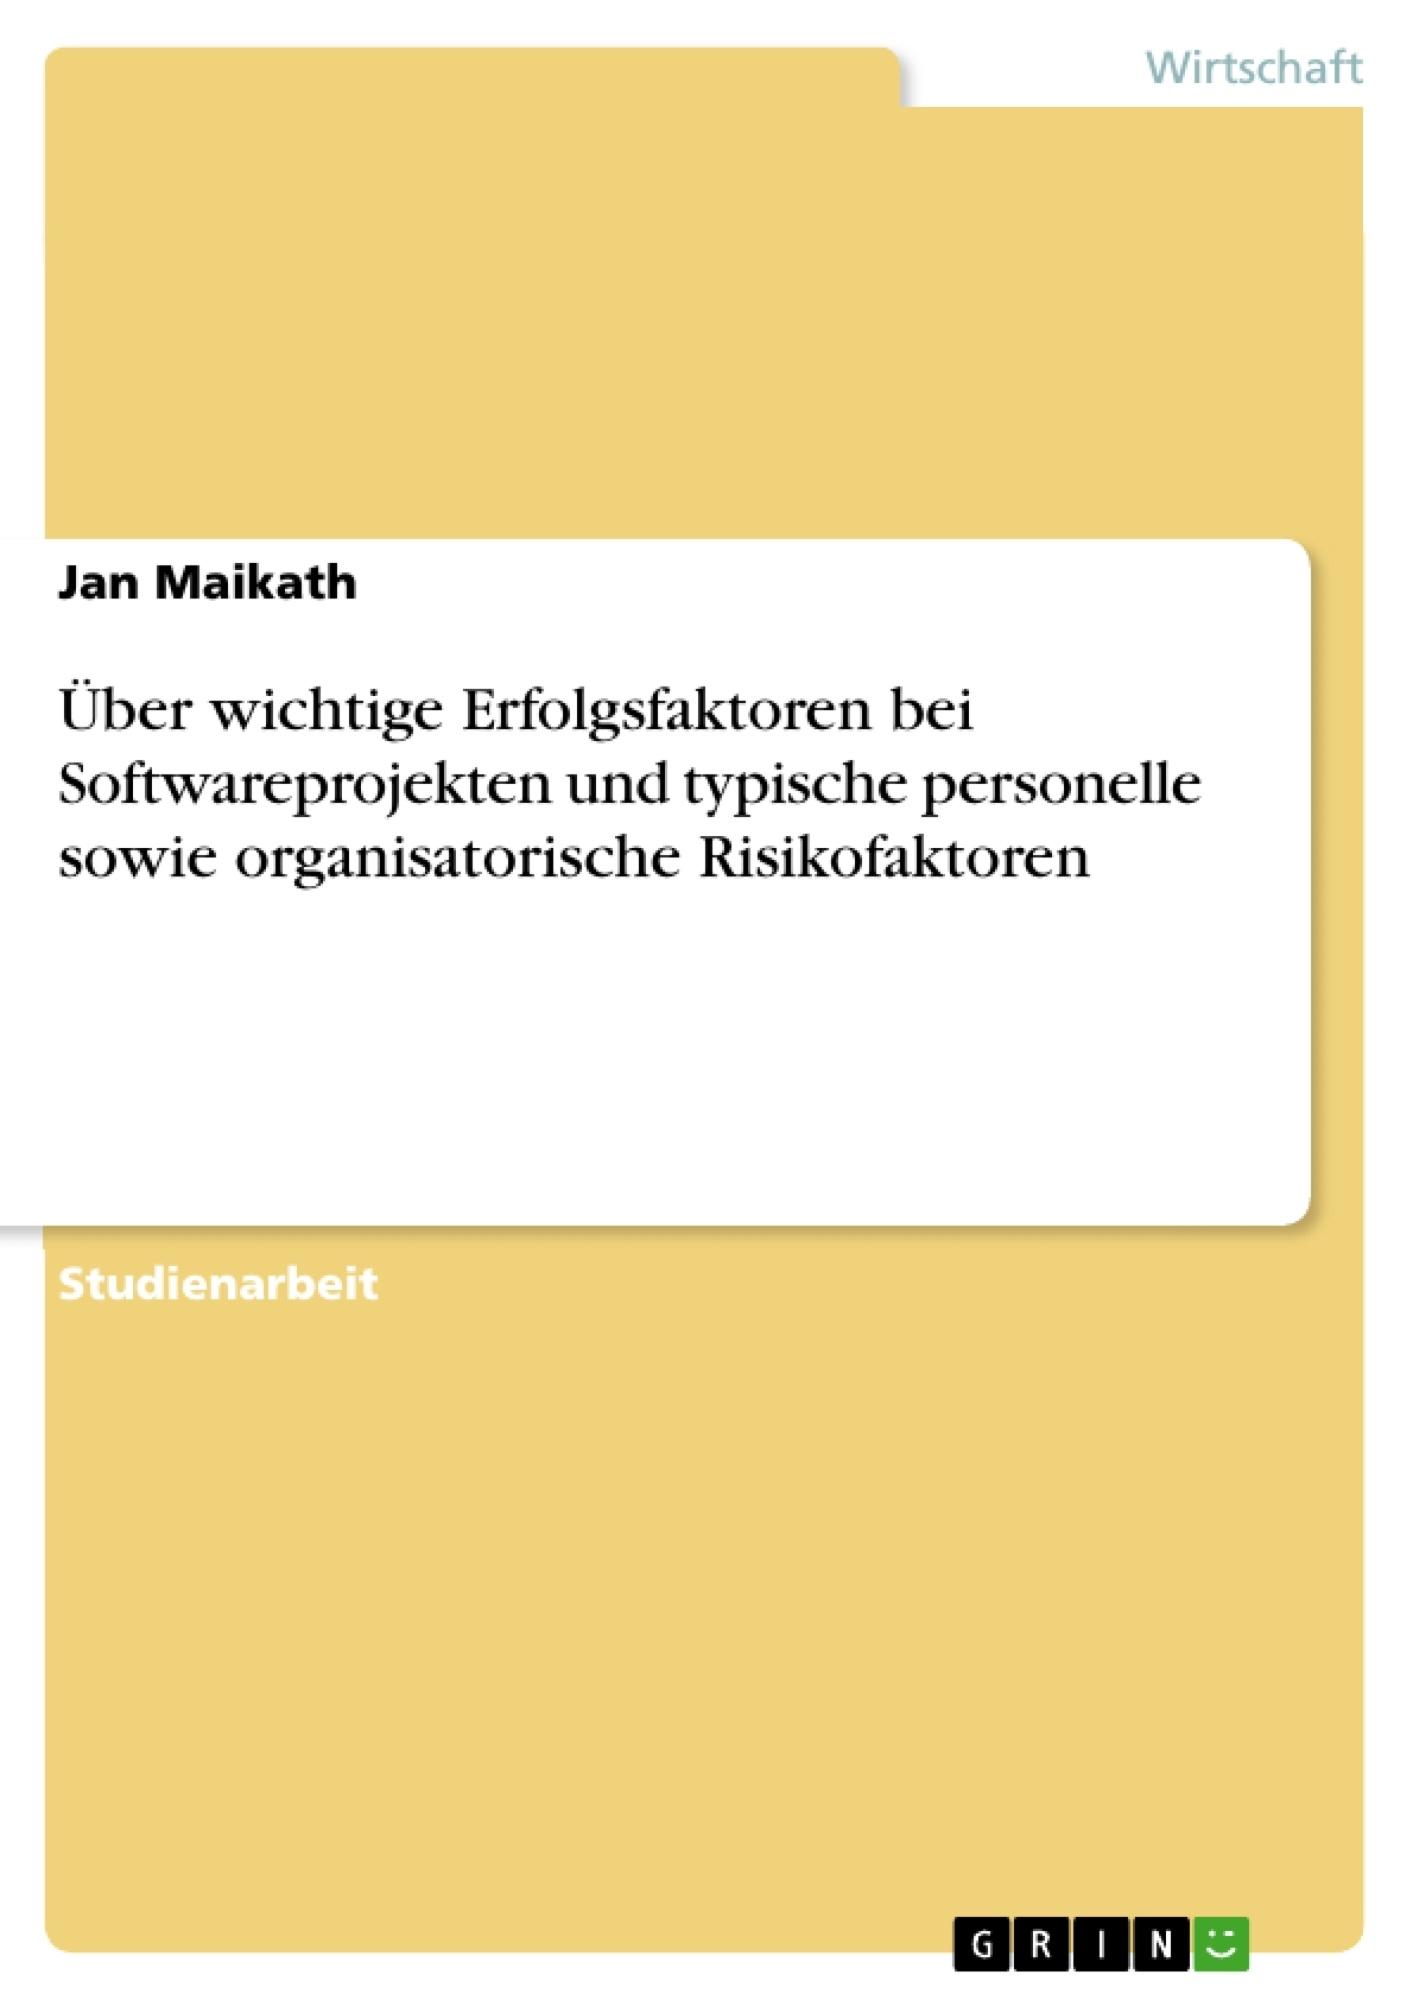 Titel: Über  wichtige Erfolgsfaktoren bei Softwareprojekten und typische personelle sowie organisatorische Risikofaktoren